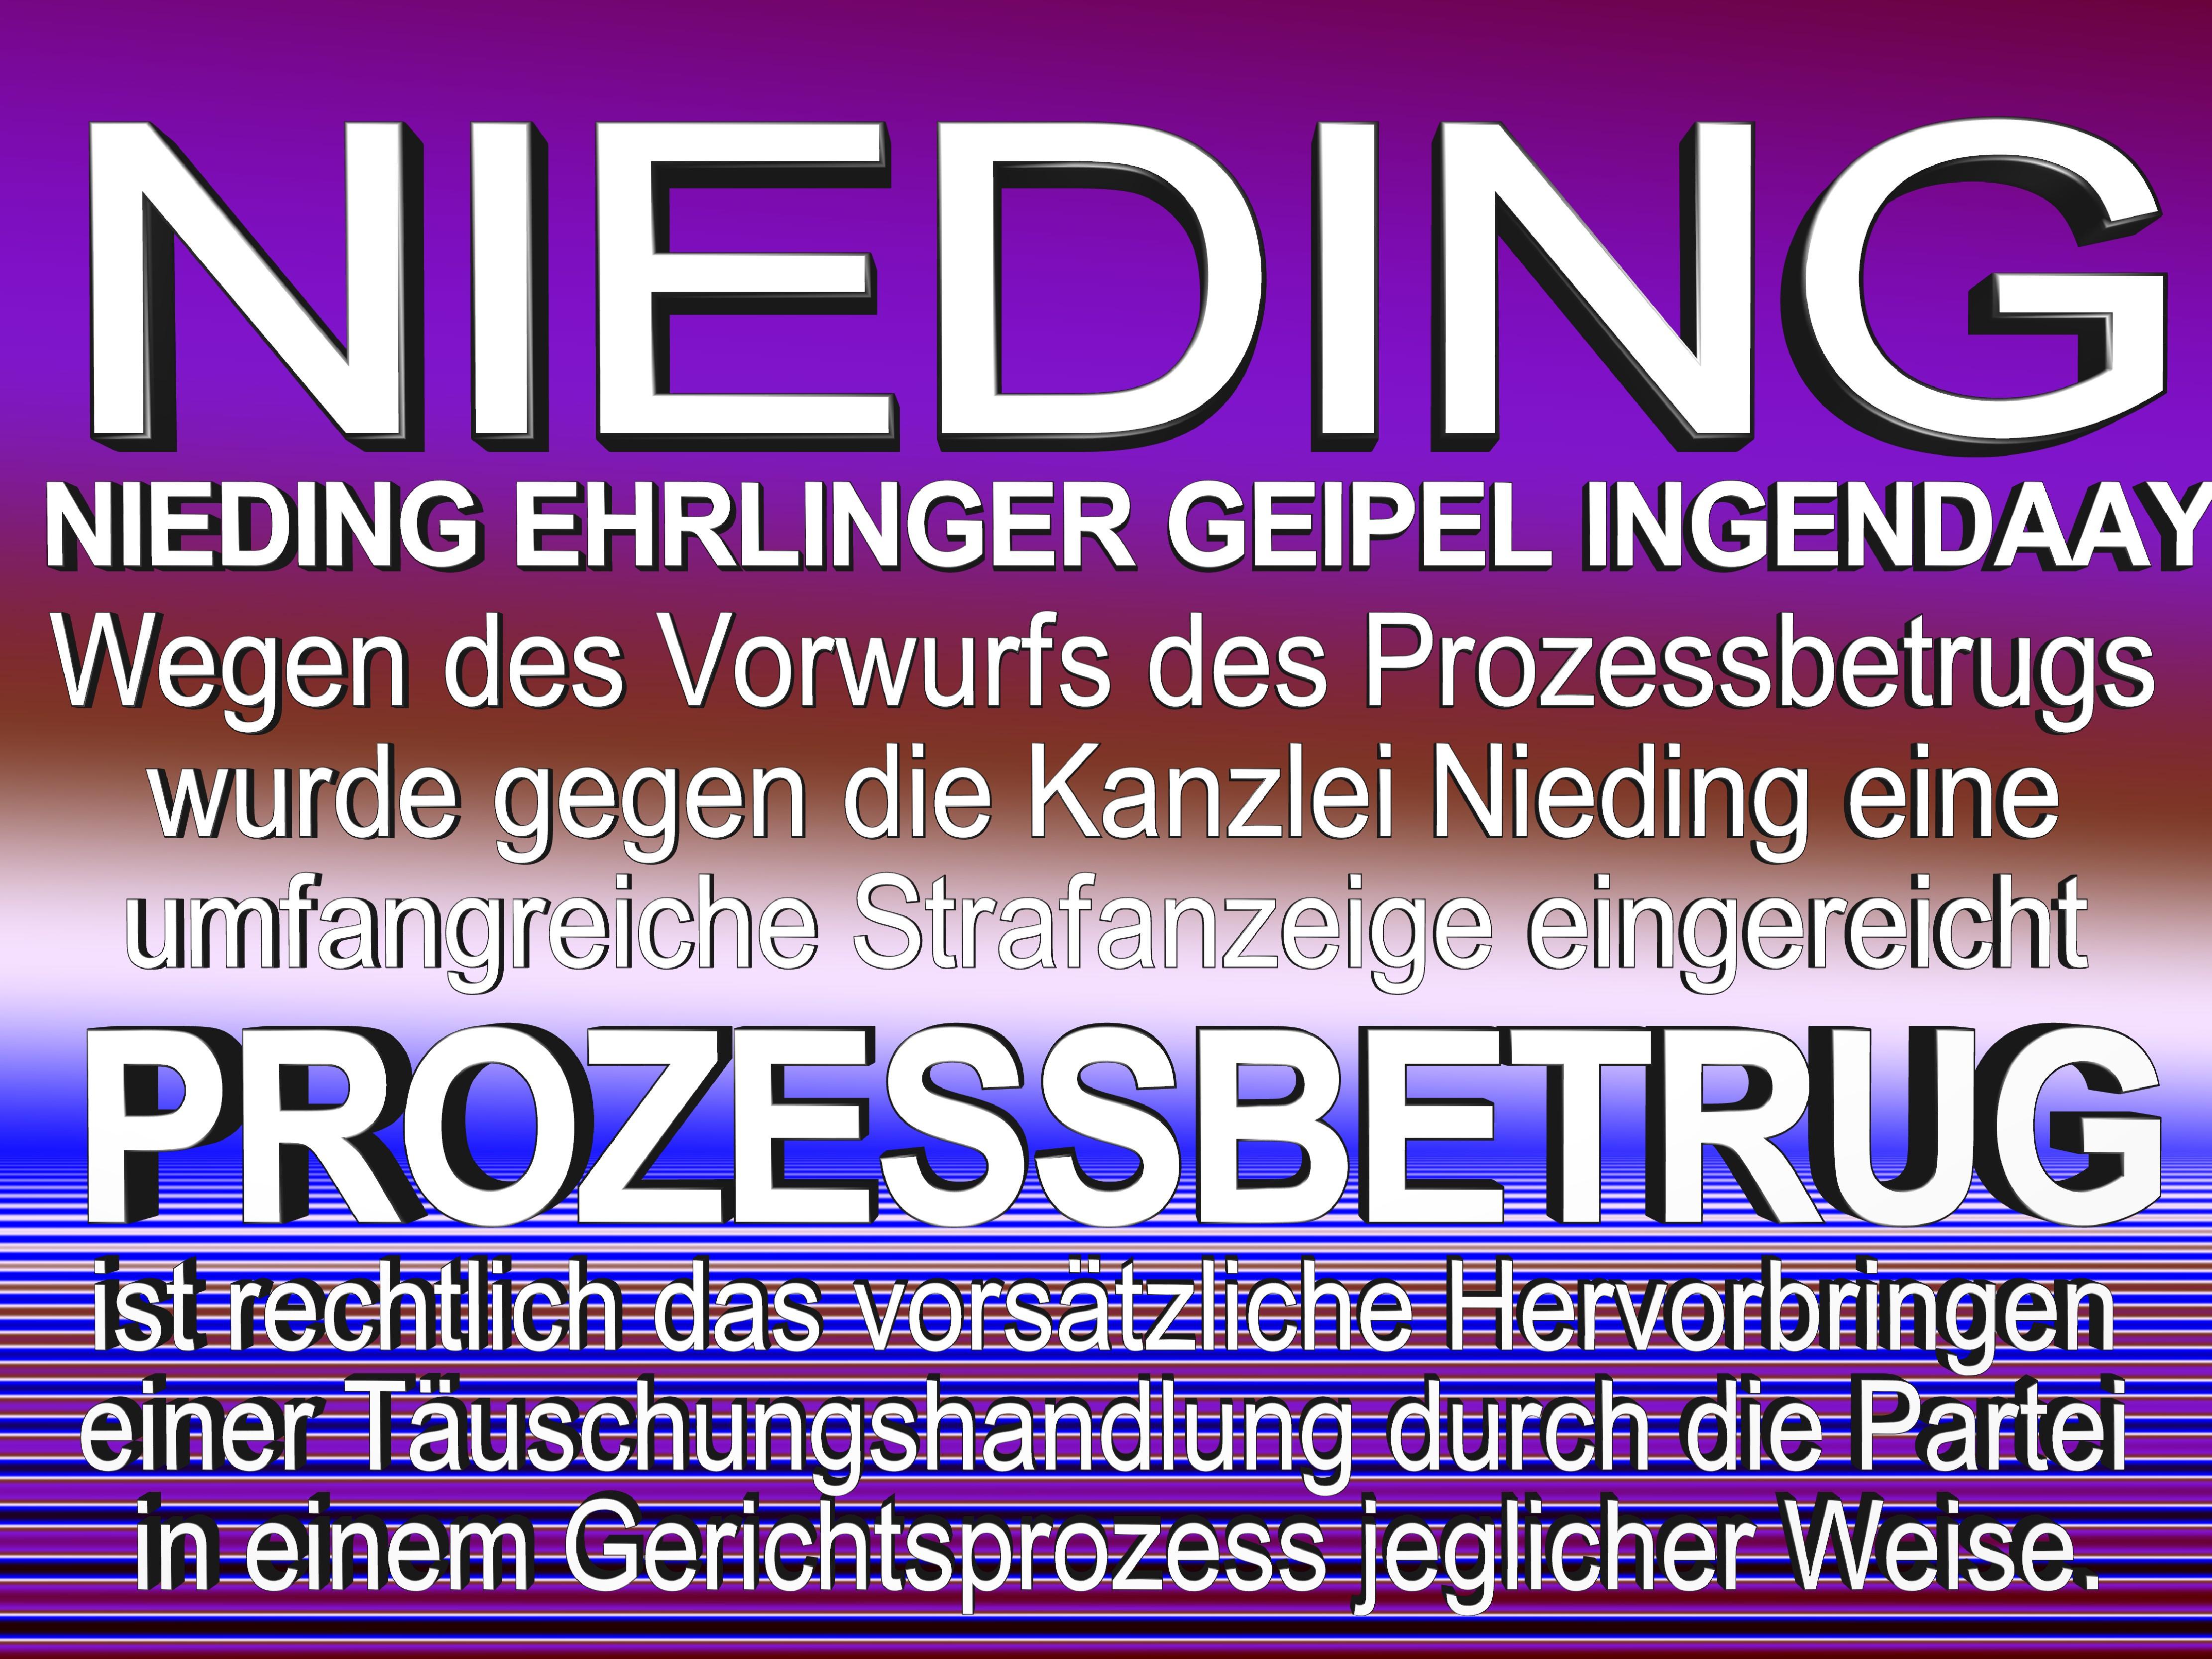 NIEDING EHRLINGER GEIPEL INGENDAAY LELKE Kurfürstendamm 66 Berlin (56)